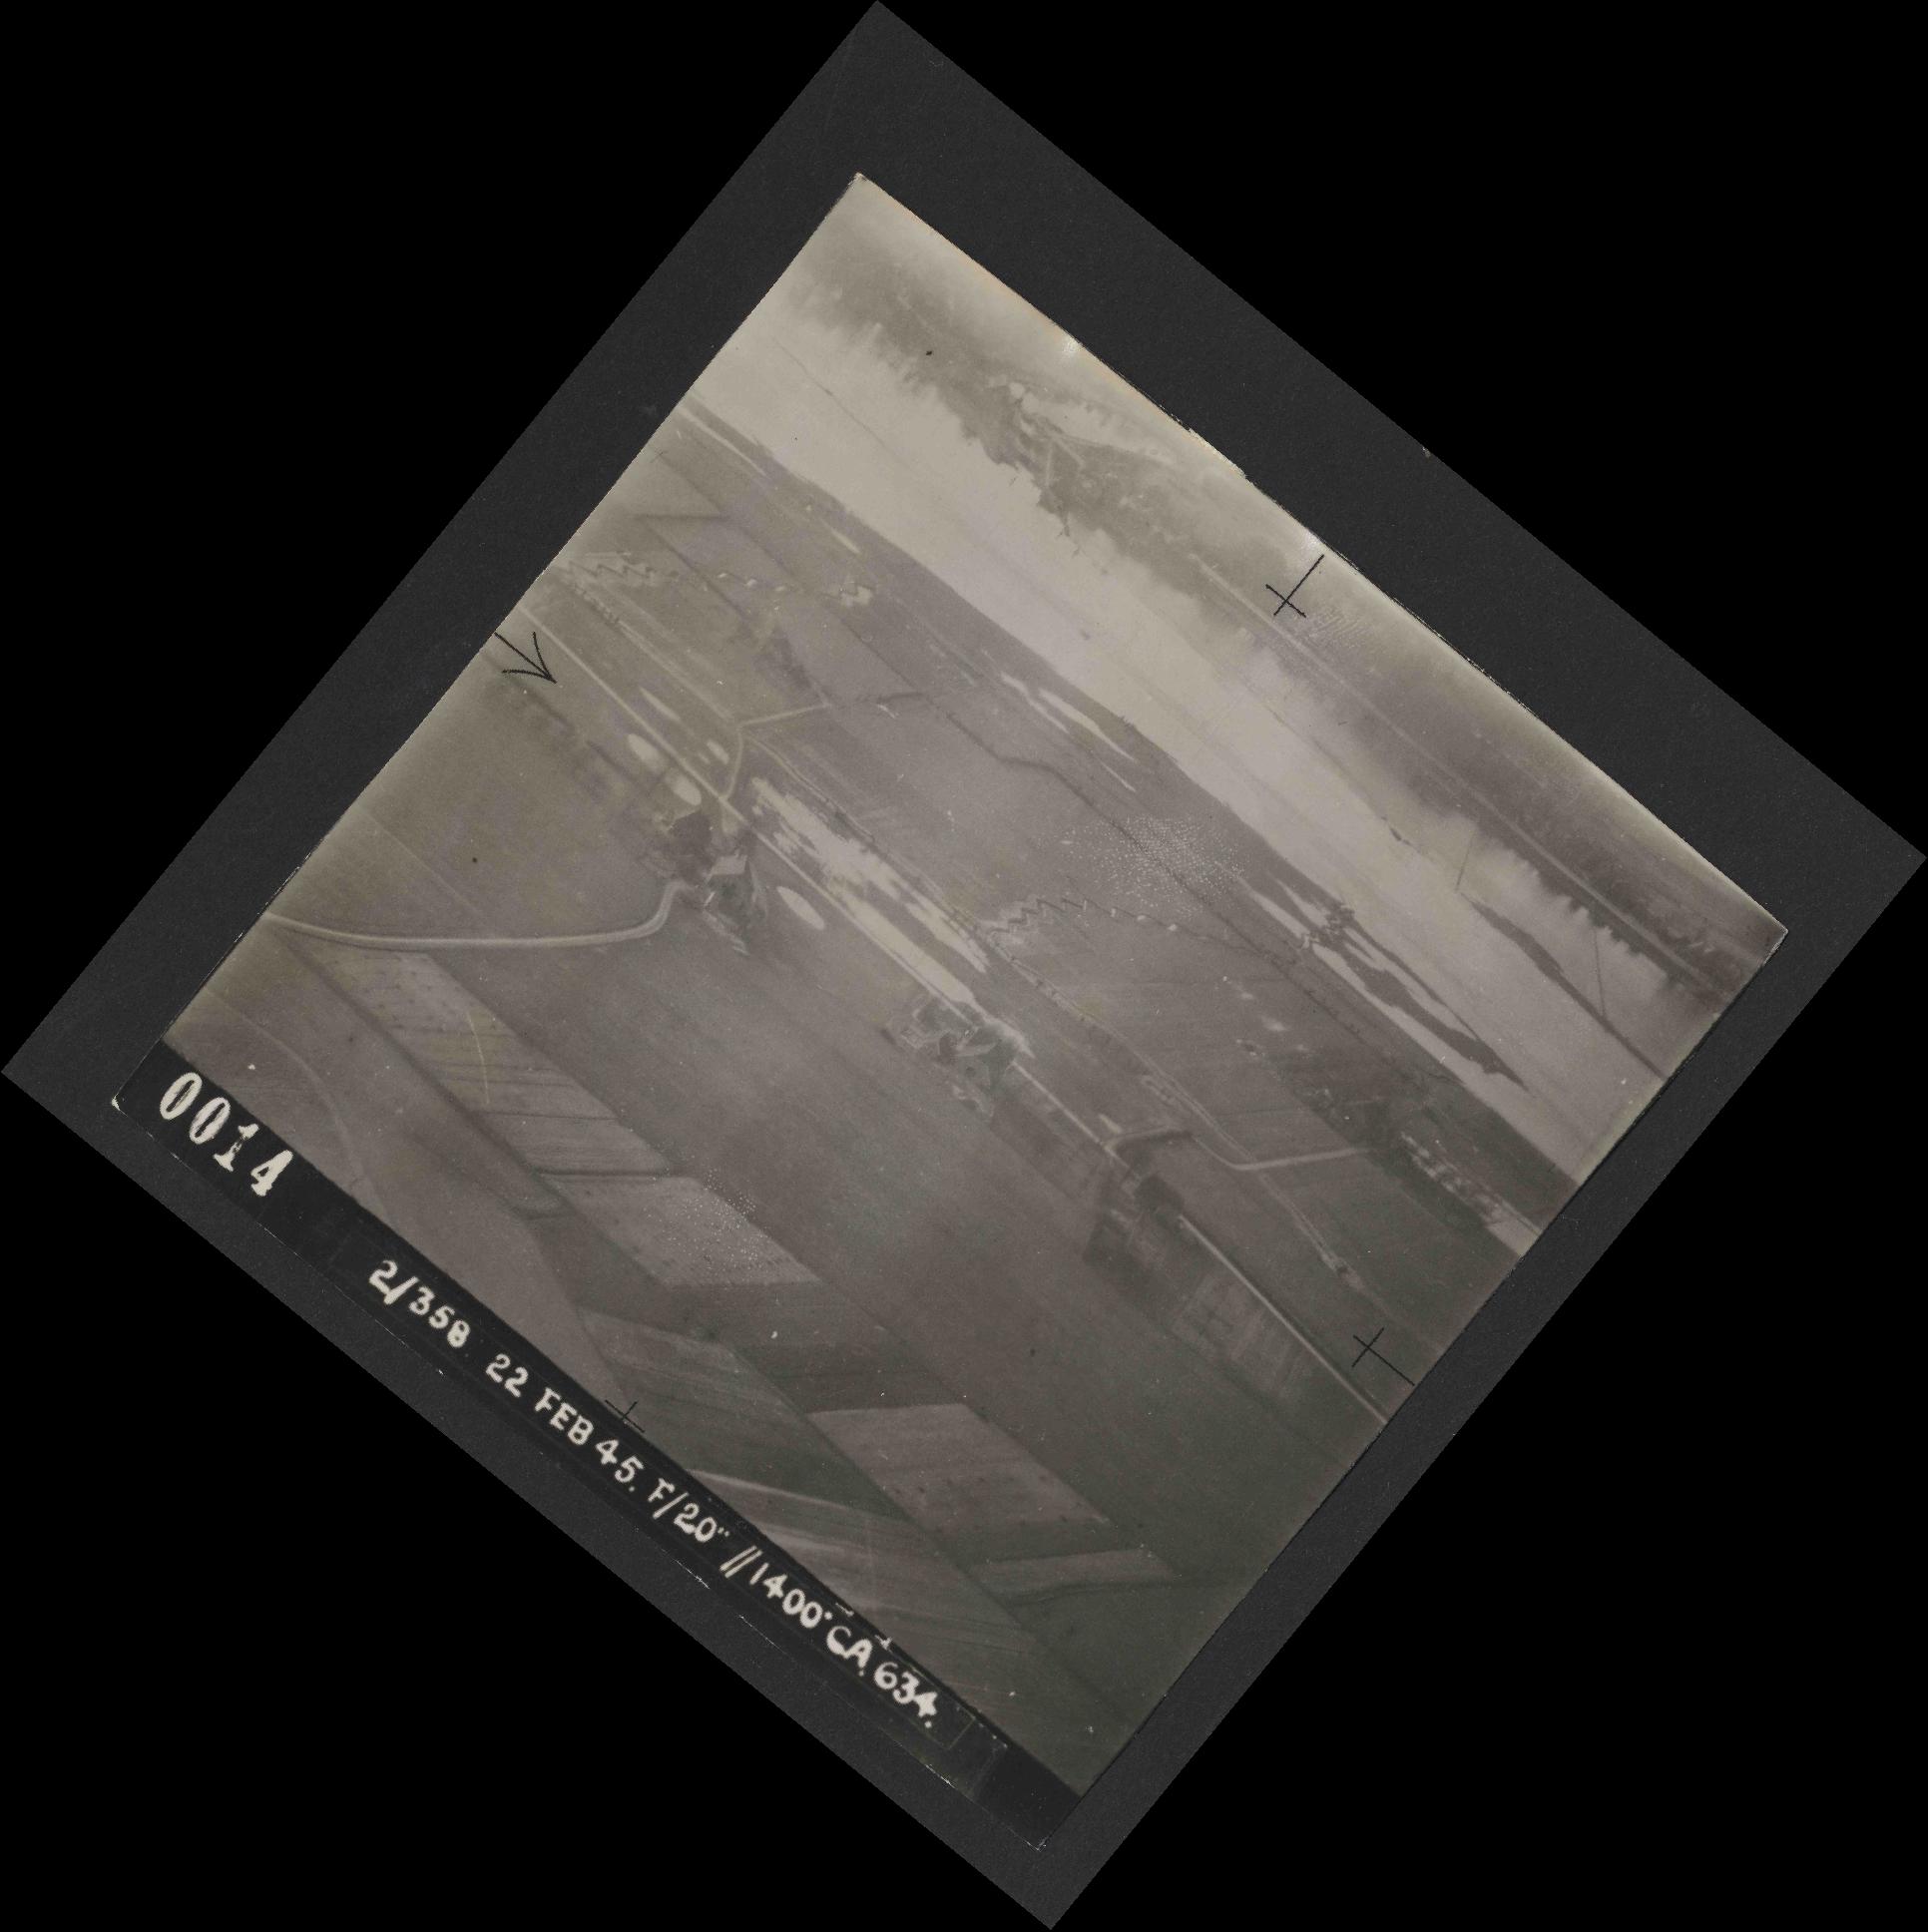 Collection RAF aerial photos 1940-1945 - flight 512, run 02, photo 0014